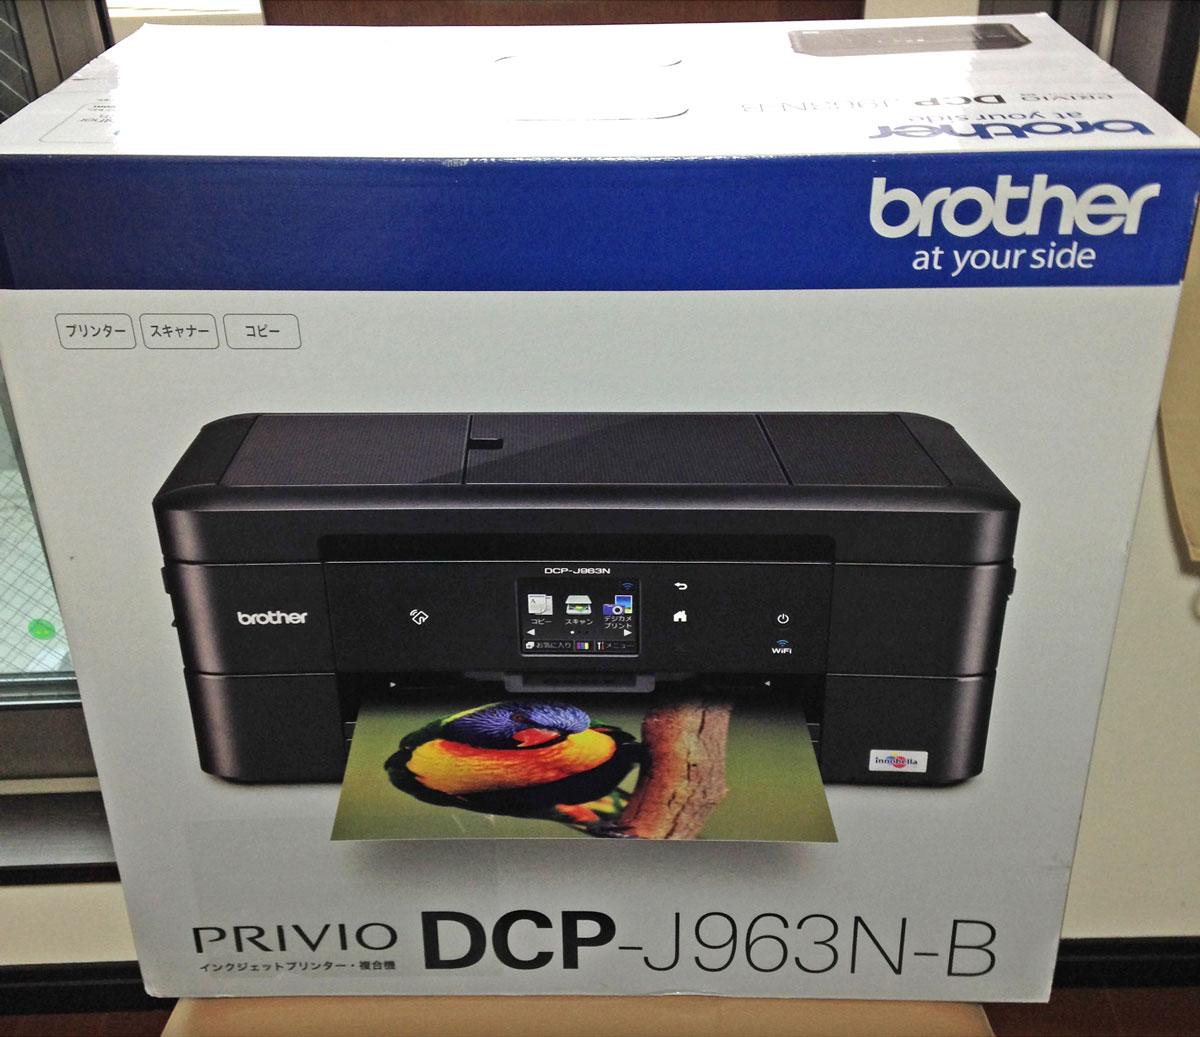 ブラザープリンタPRIVIO DCP-J963N-B箱